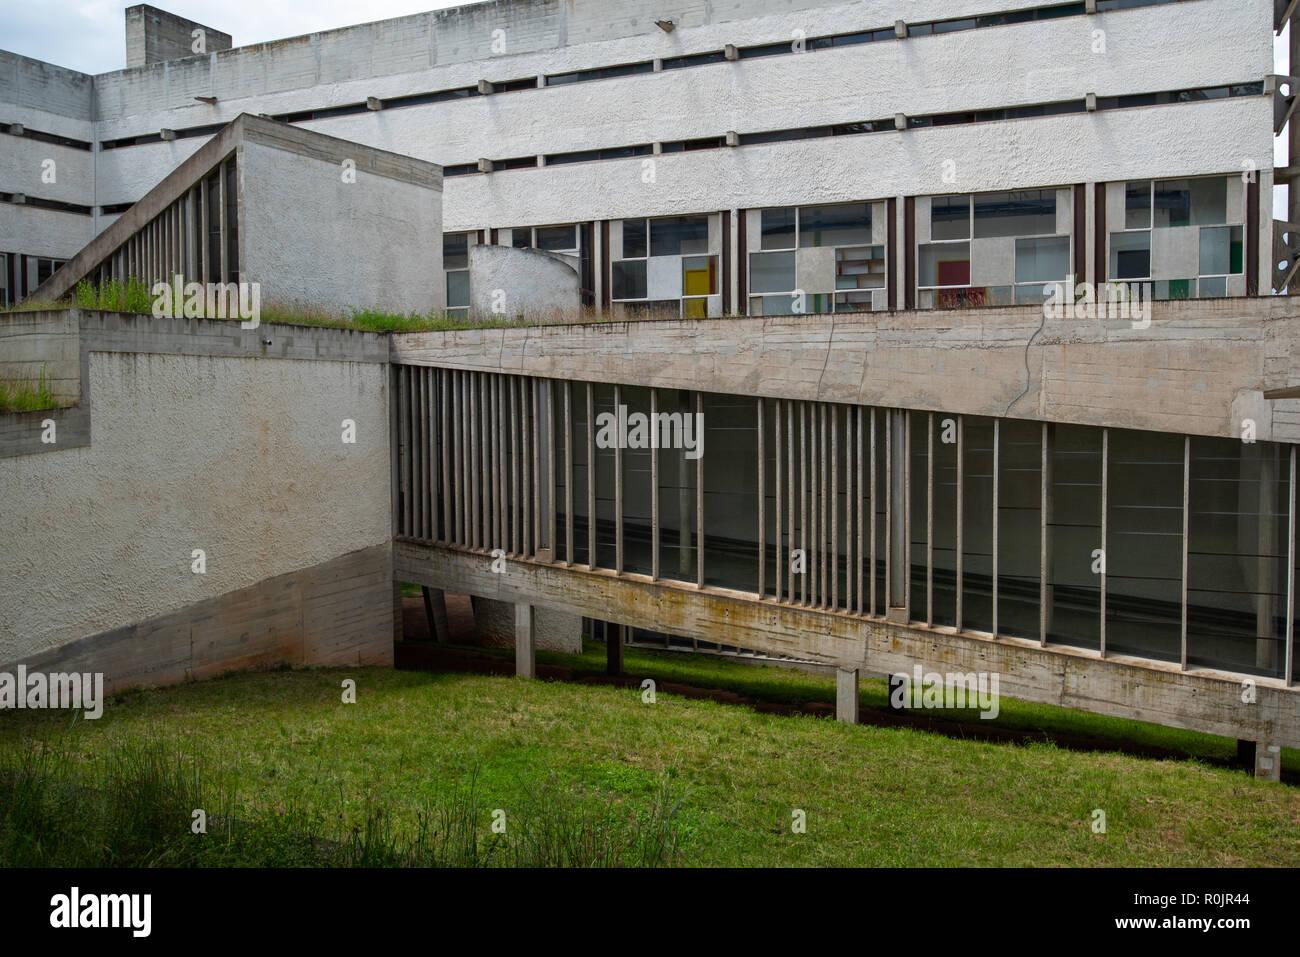 Part view of La Tourette, Eveaux or Sainte Marie de La Tourette: a building designed by the famous French Architect Le Corbusier located near Lyon. - Stock Image